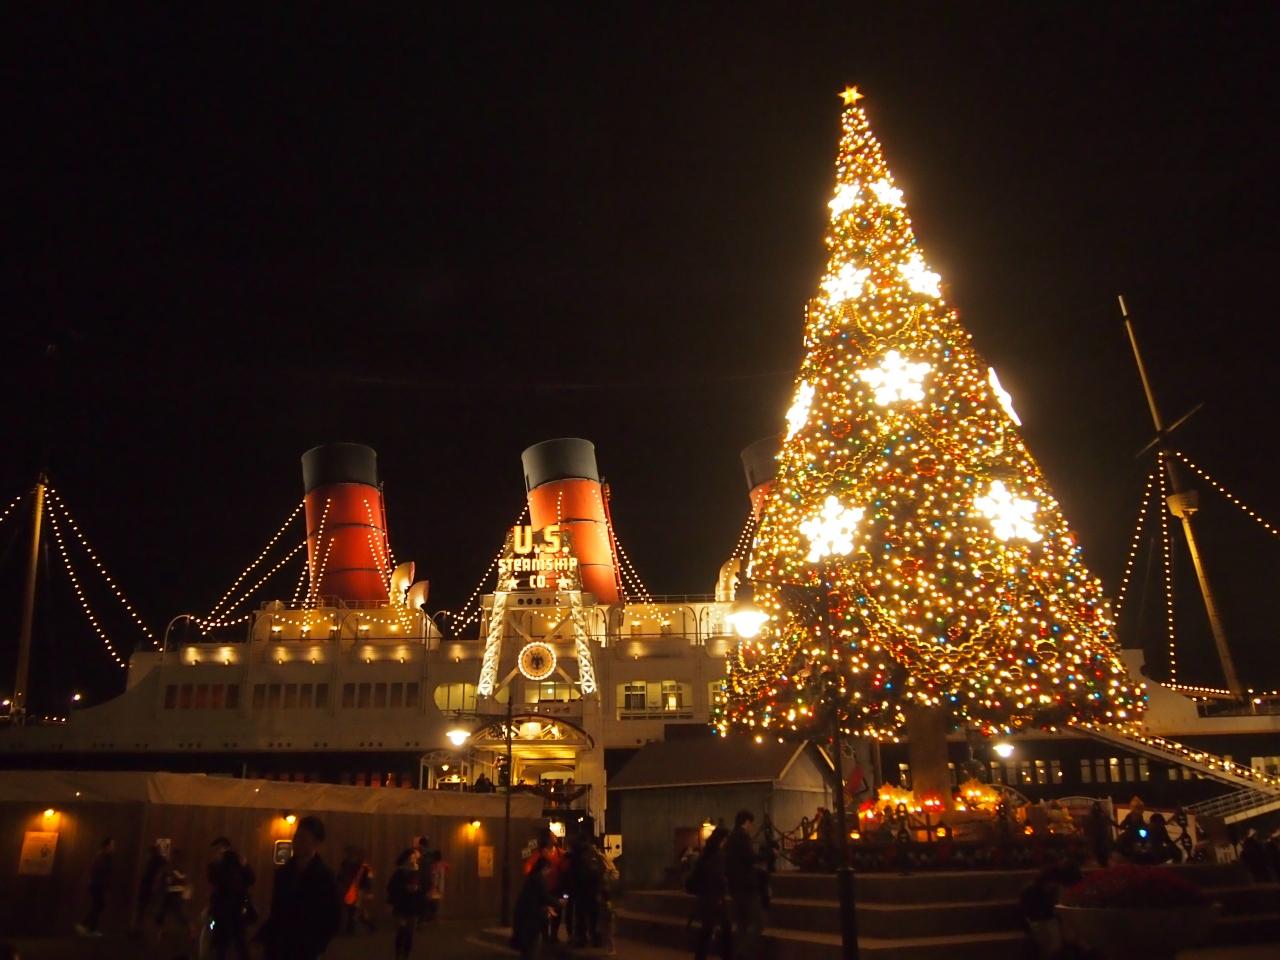 クリスマス時期のディズニーシーへ、、、強風の影響でショー中止